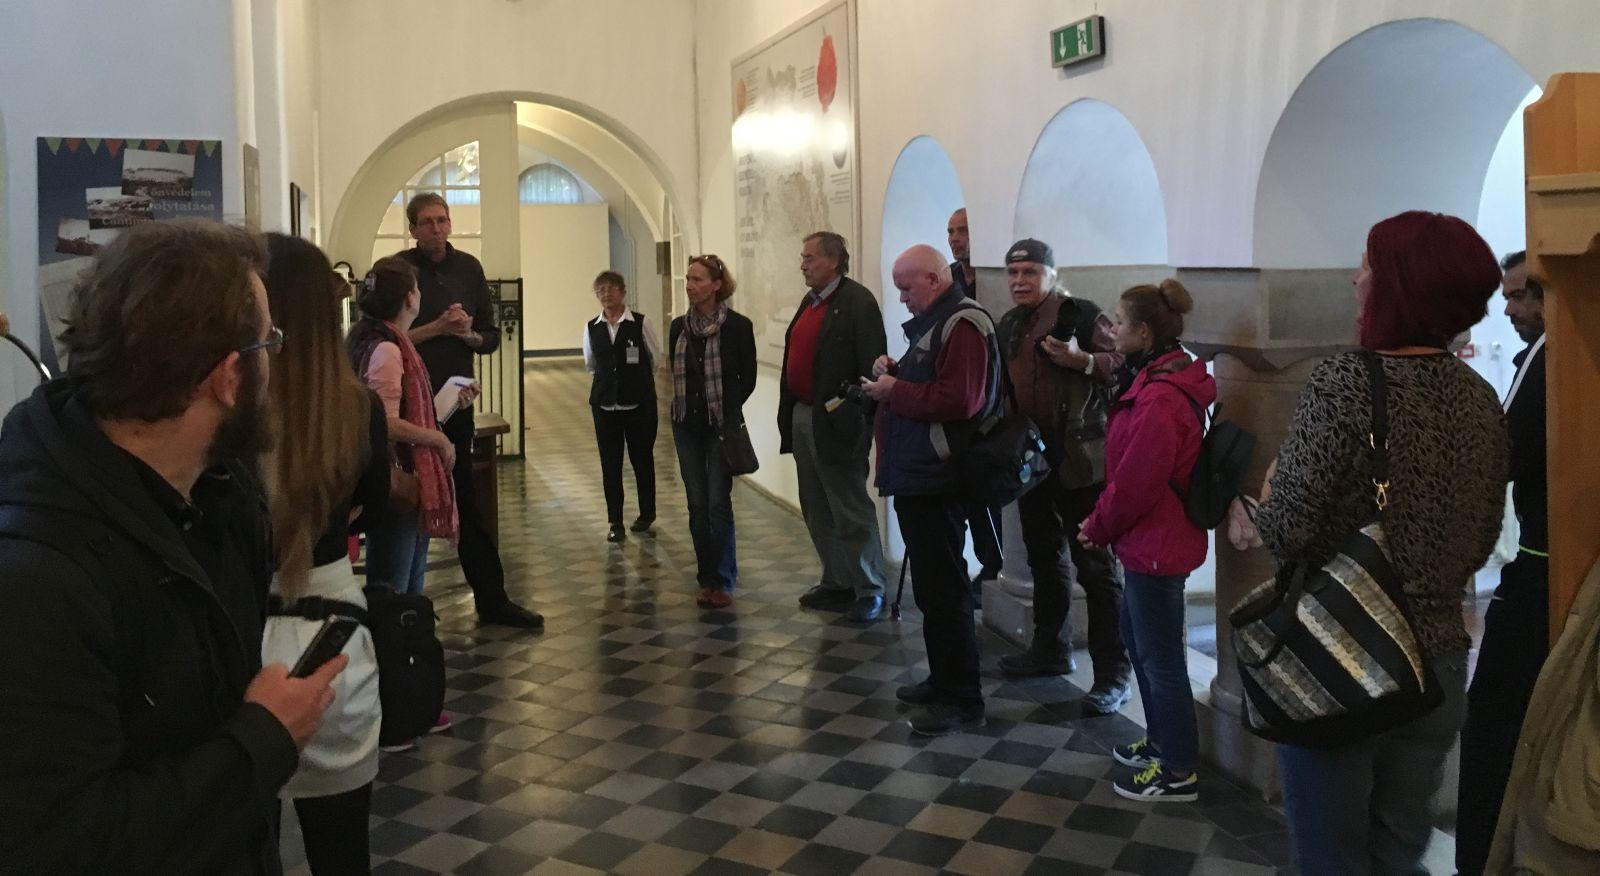 Román újságírók a Székely Nemzeti Múzeumban | A szerző felvétele